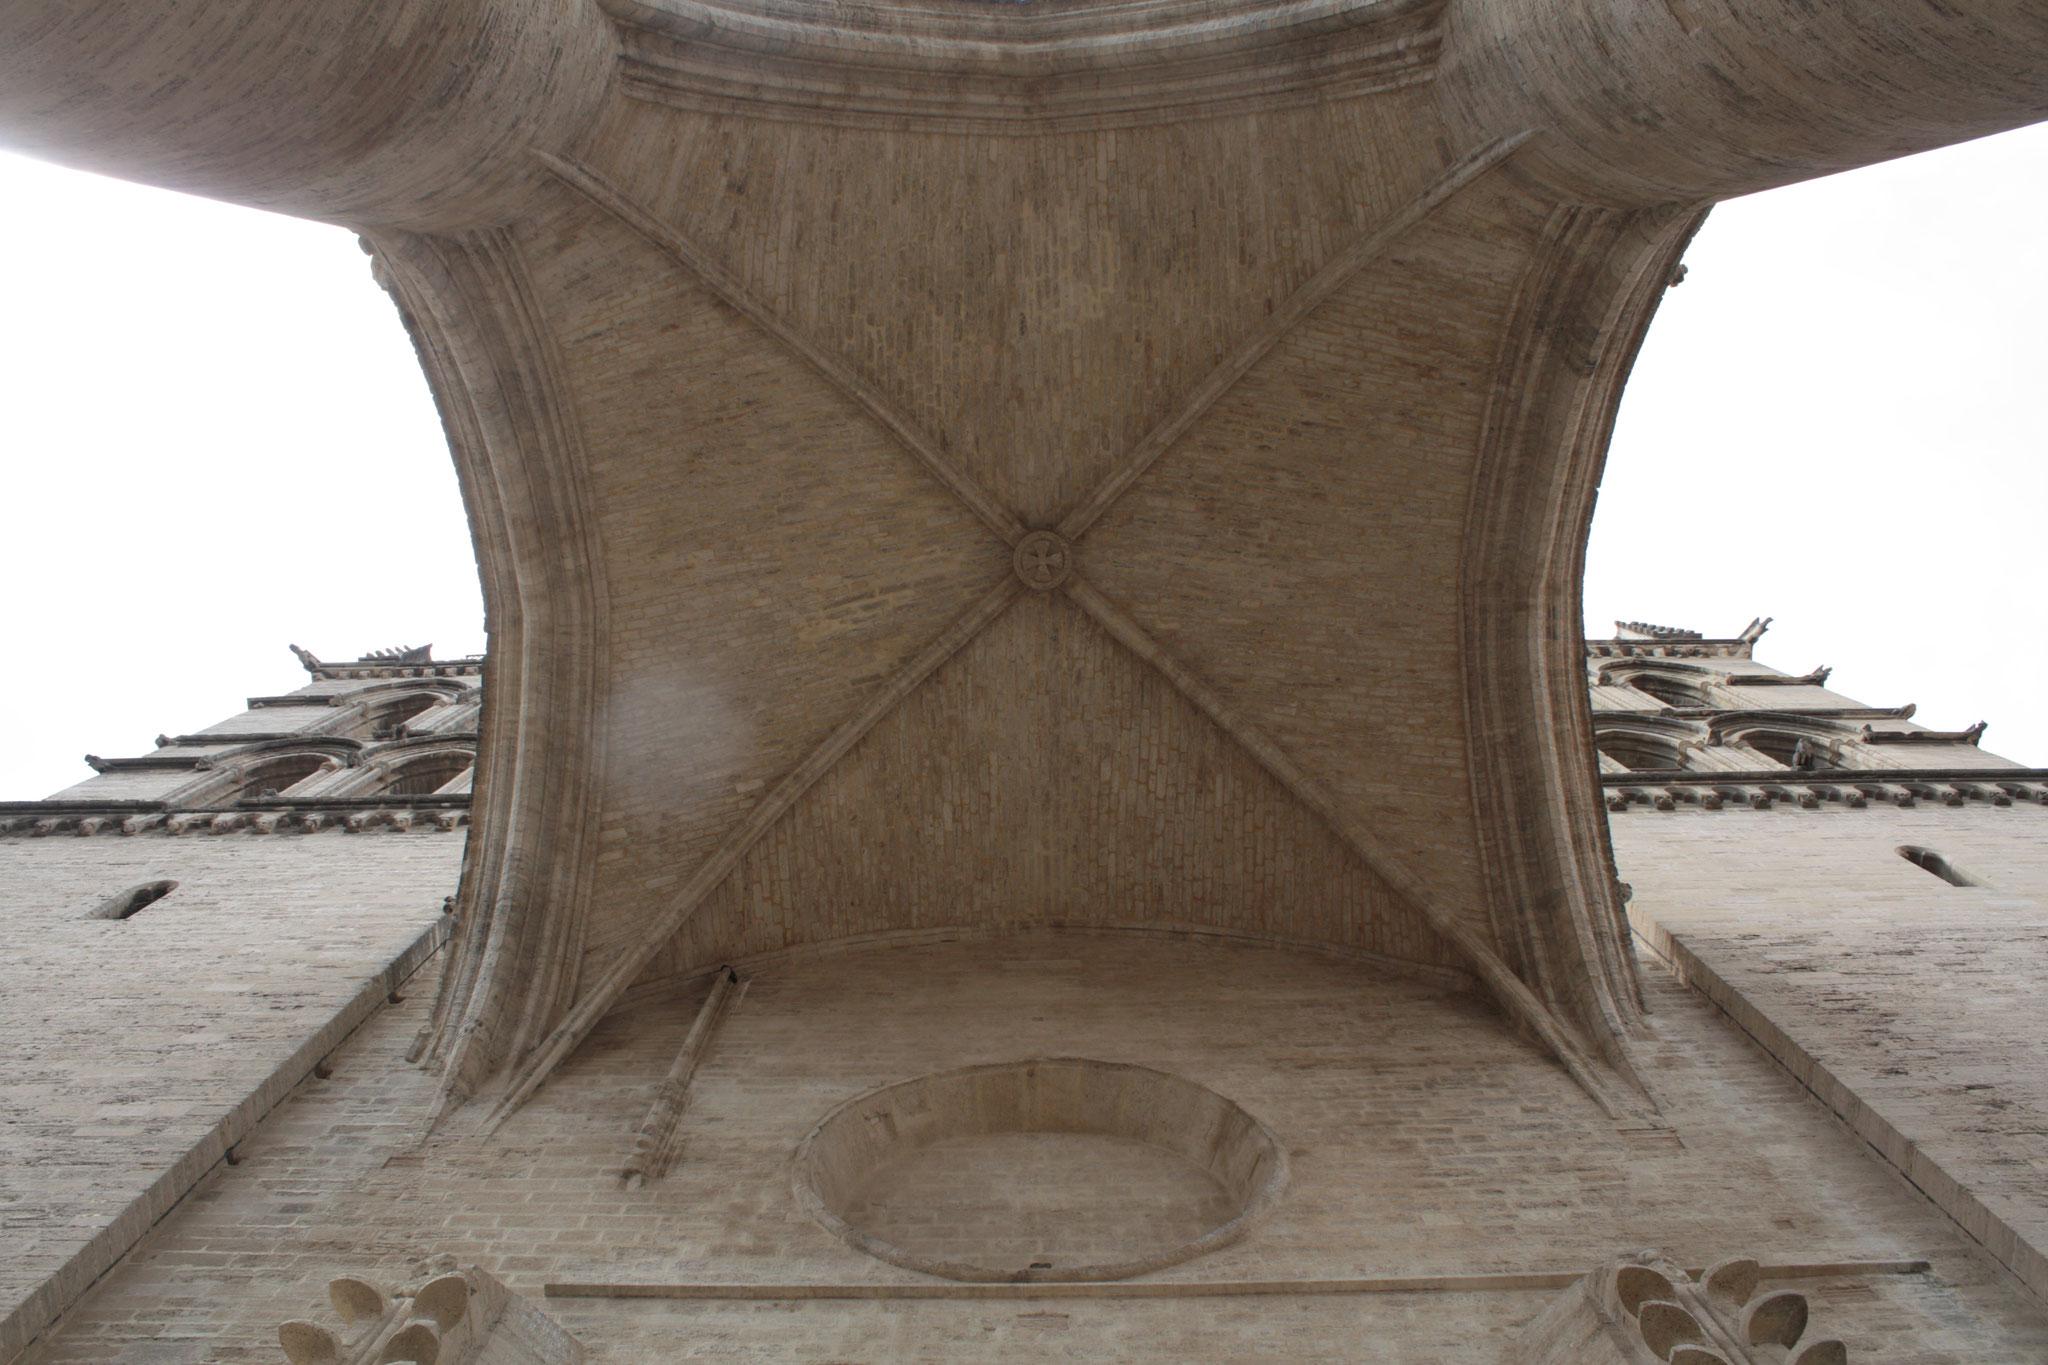 Le dessous de l'arche de la cathédrale St Pierre  - photo JDR